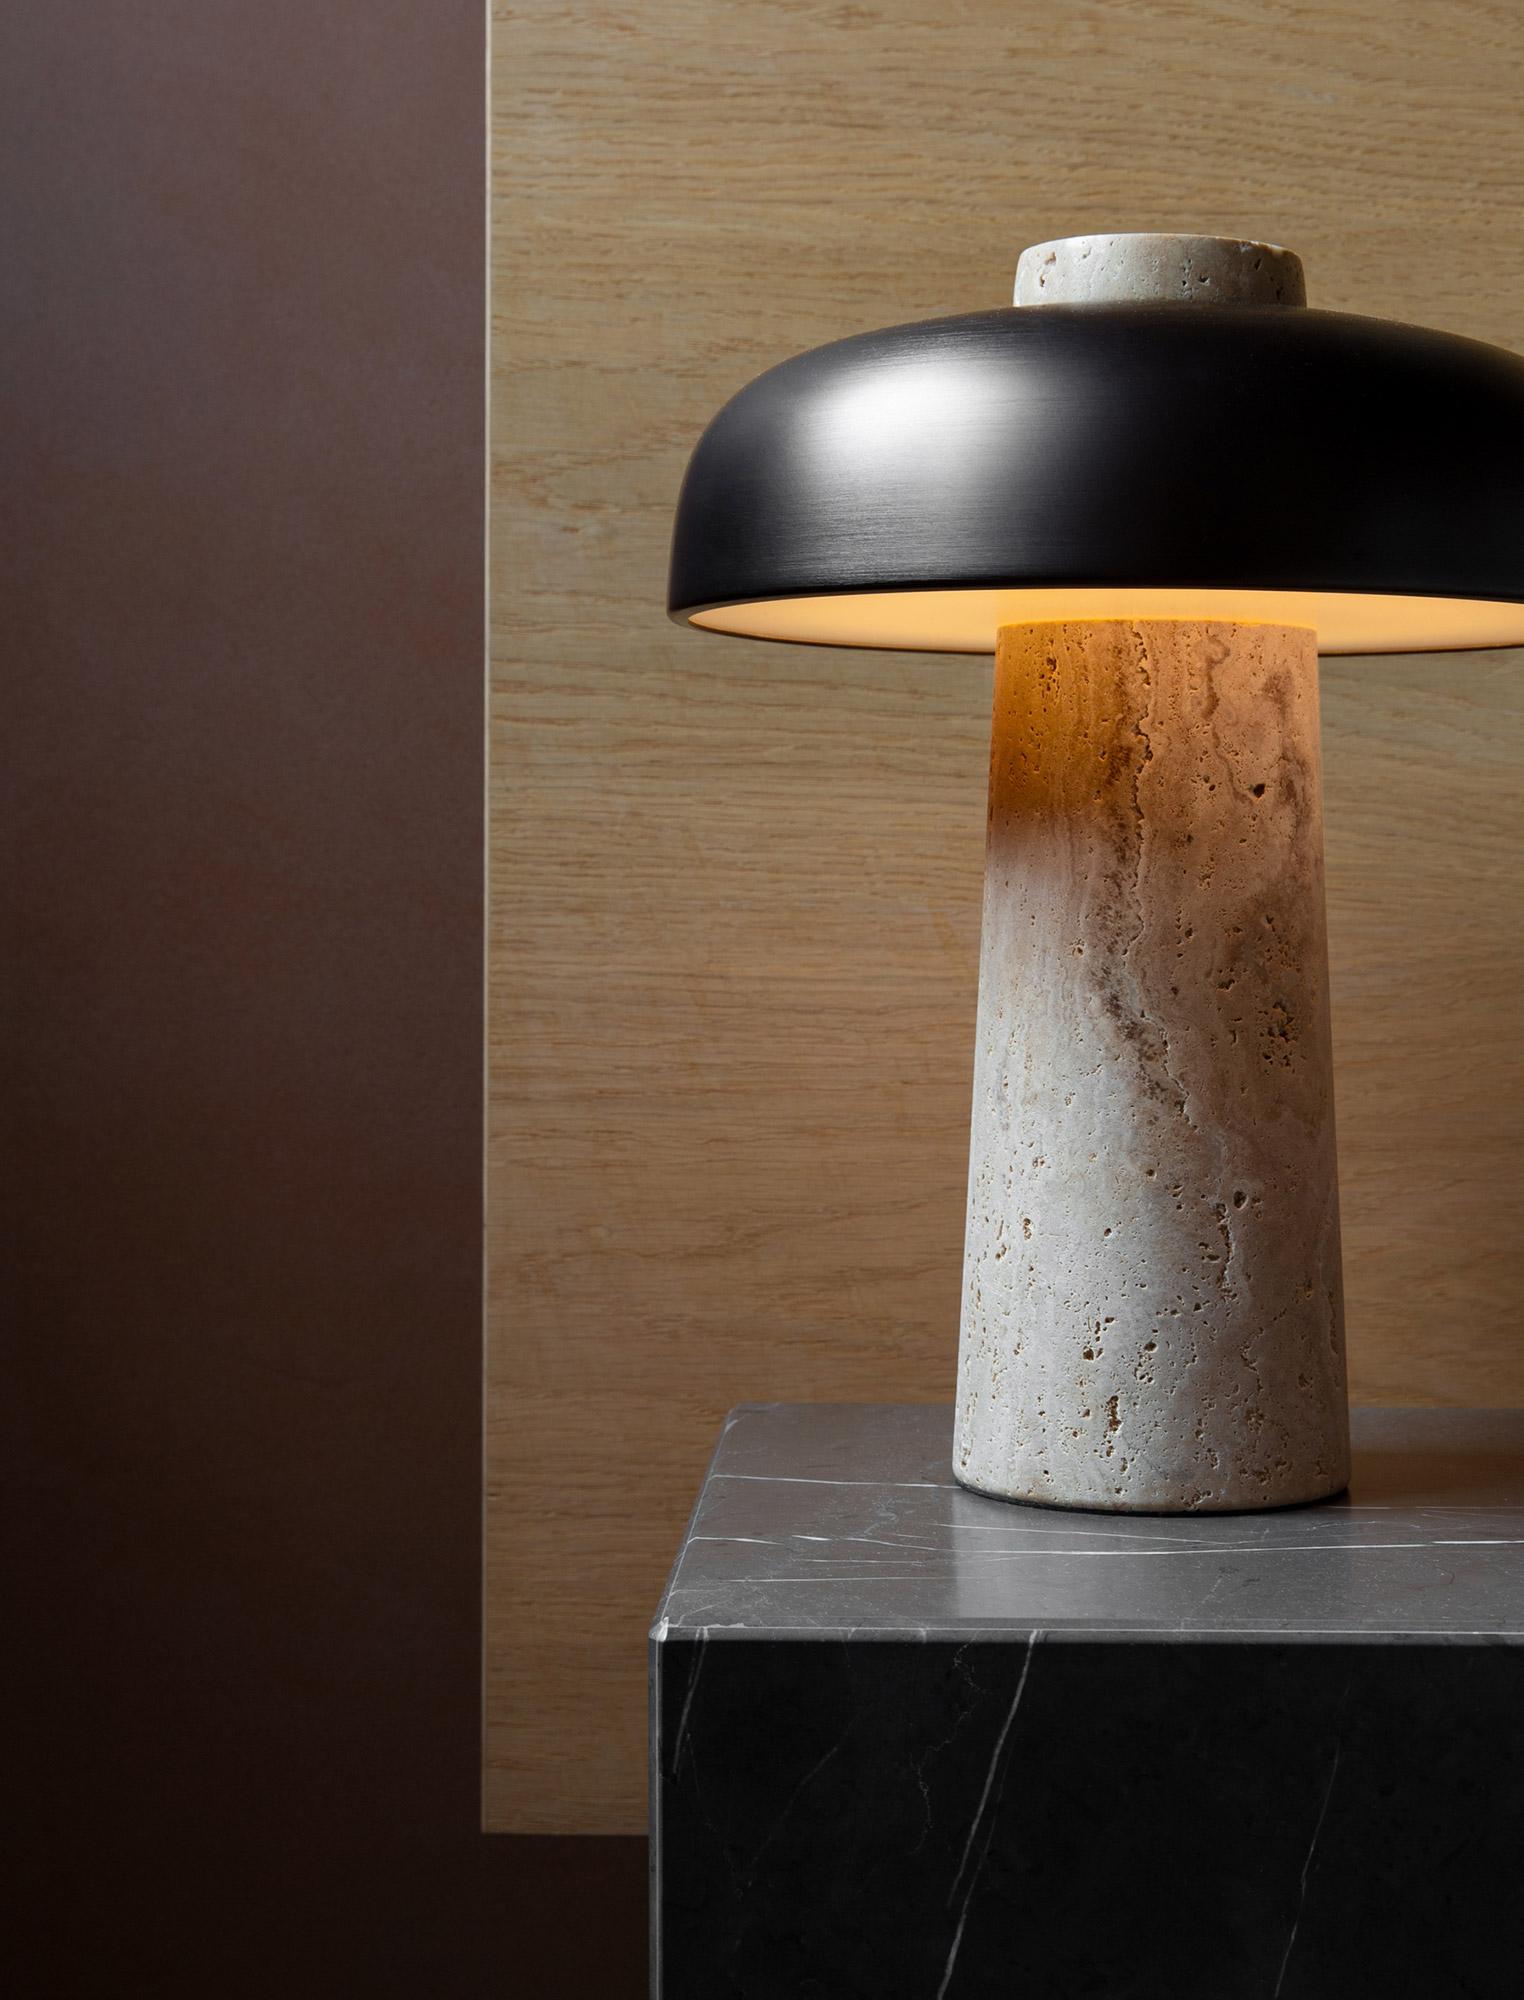 Reverse table lamp on marble plinth against oak headboard